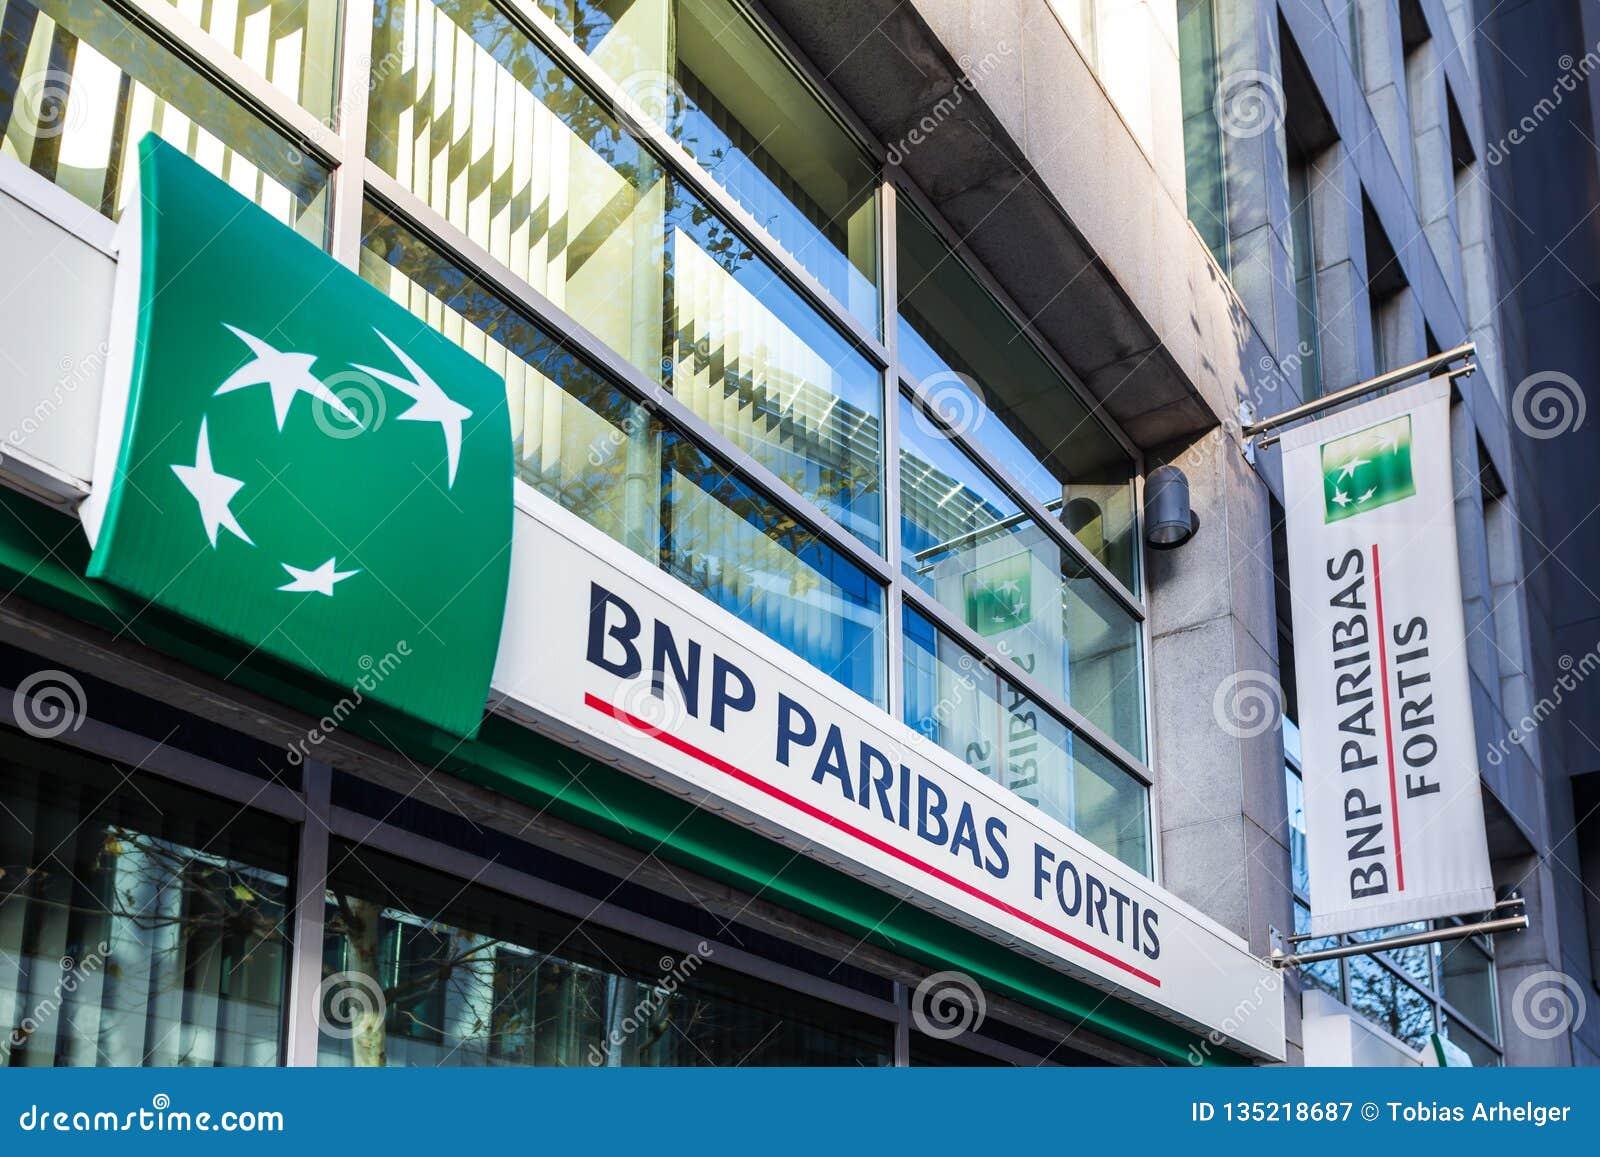 Bruxelles, Bruxelles/Belgio - 12 12 18: i fortis di BNP Paribas contano firmano dentro Bruxelles Belgio